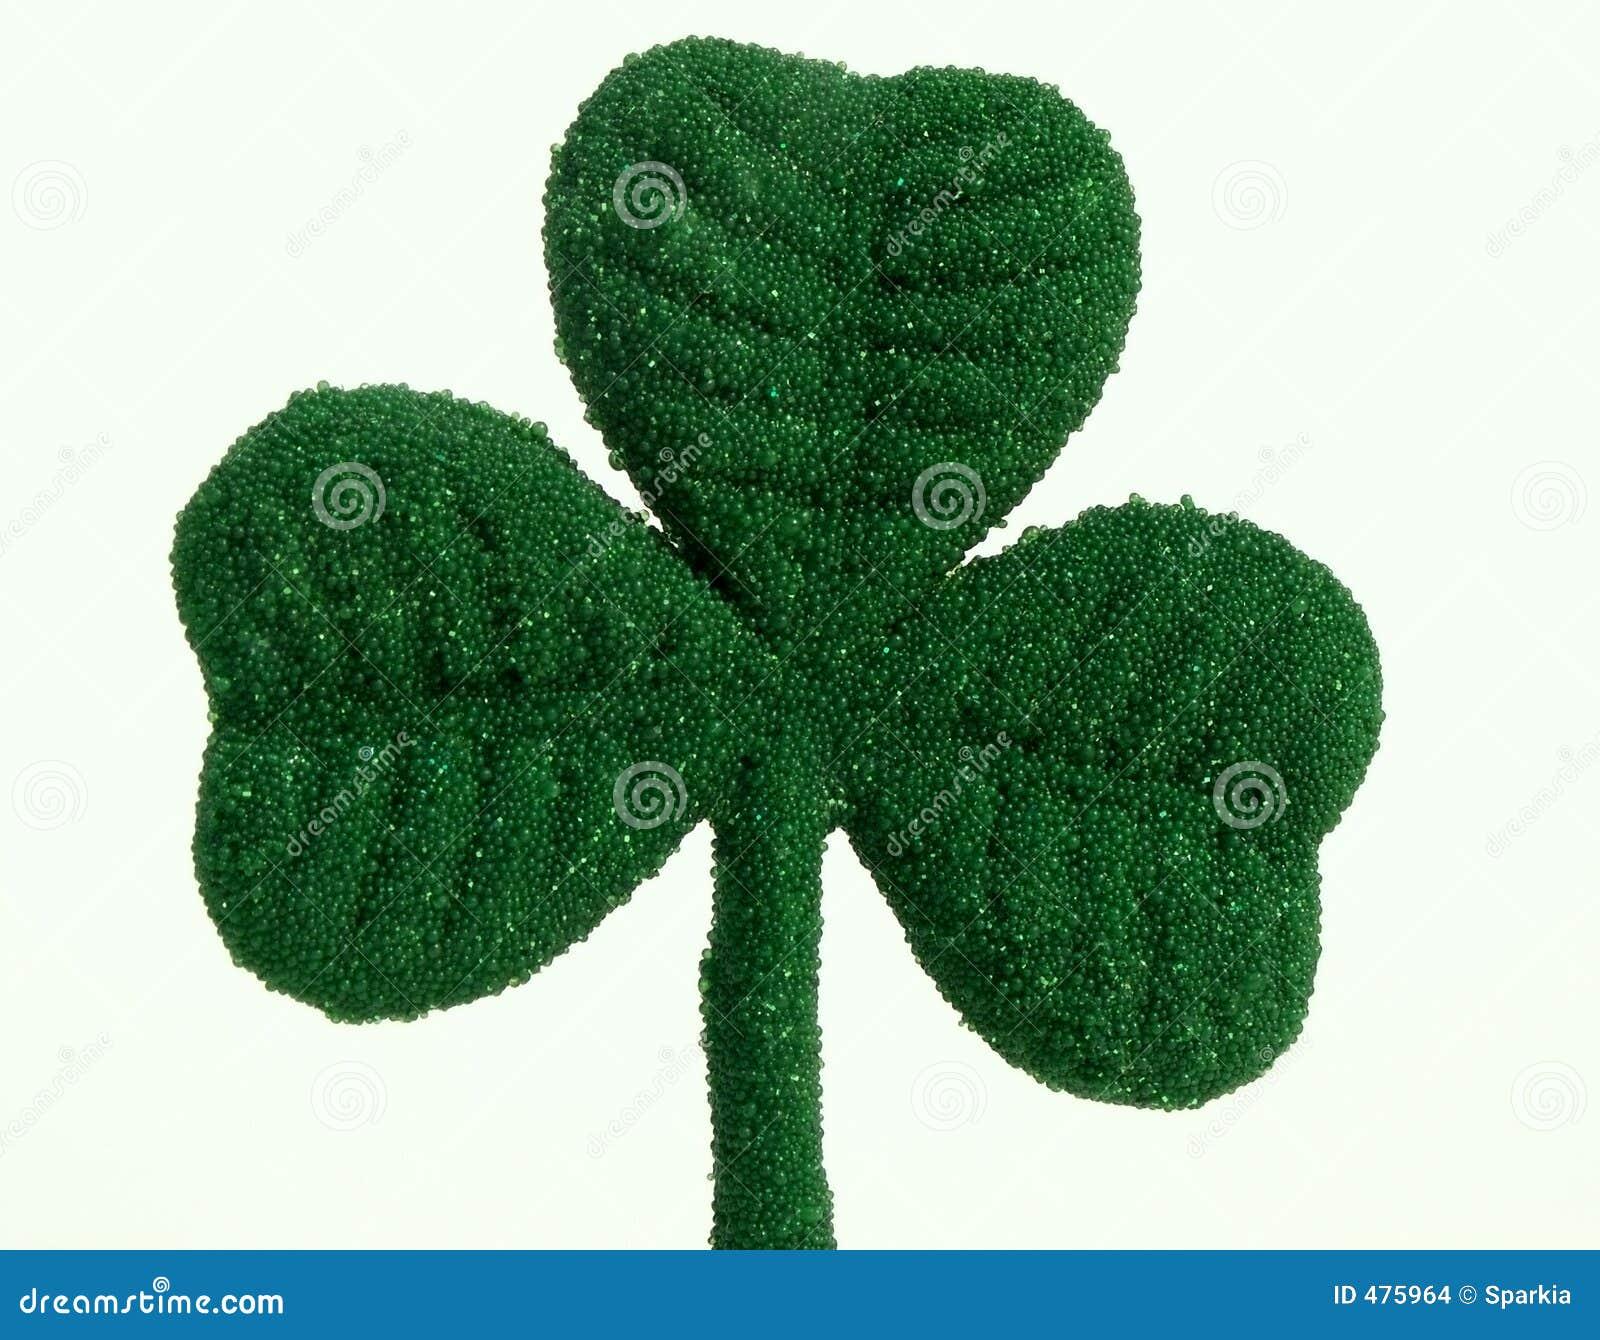 St Patricks Day Shamrock Stock Images Image 475964